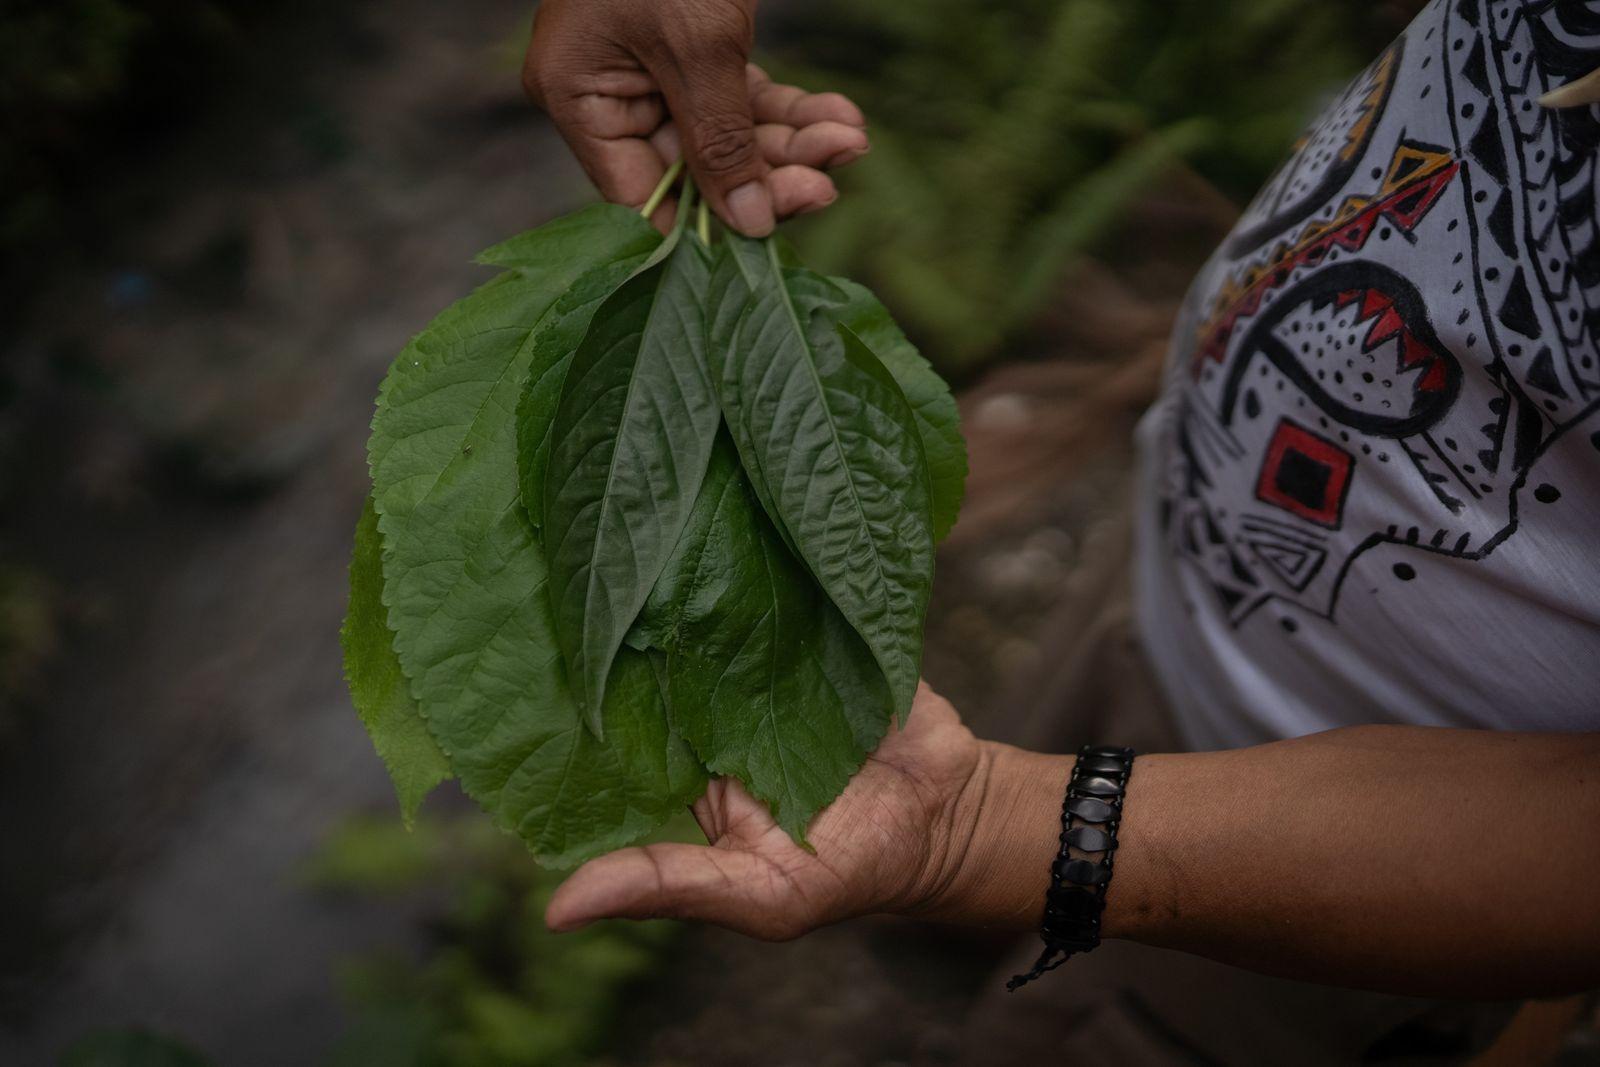 Indígenas recorrem à medicina tradicional no tratamento contra a covid-19